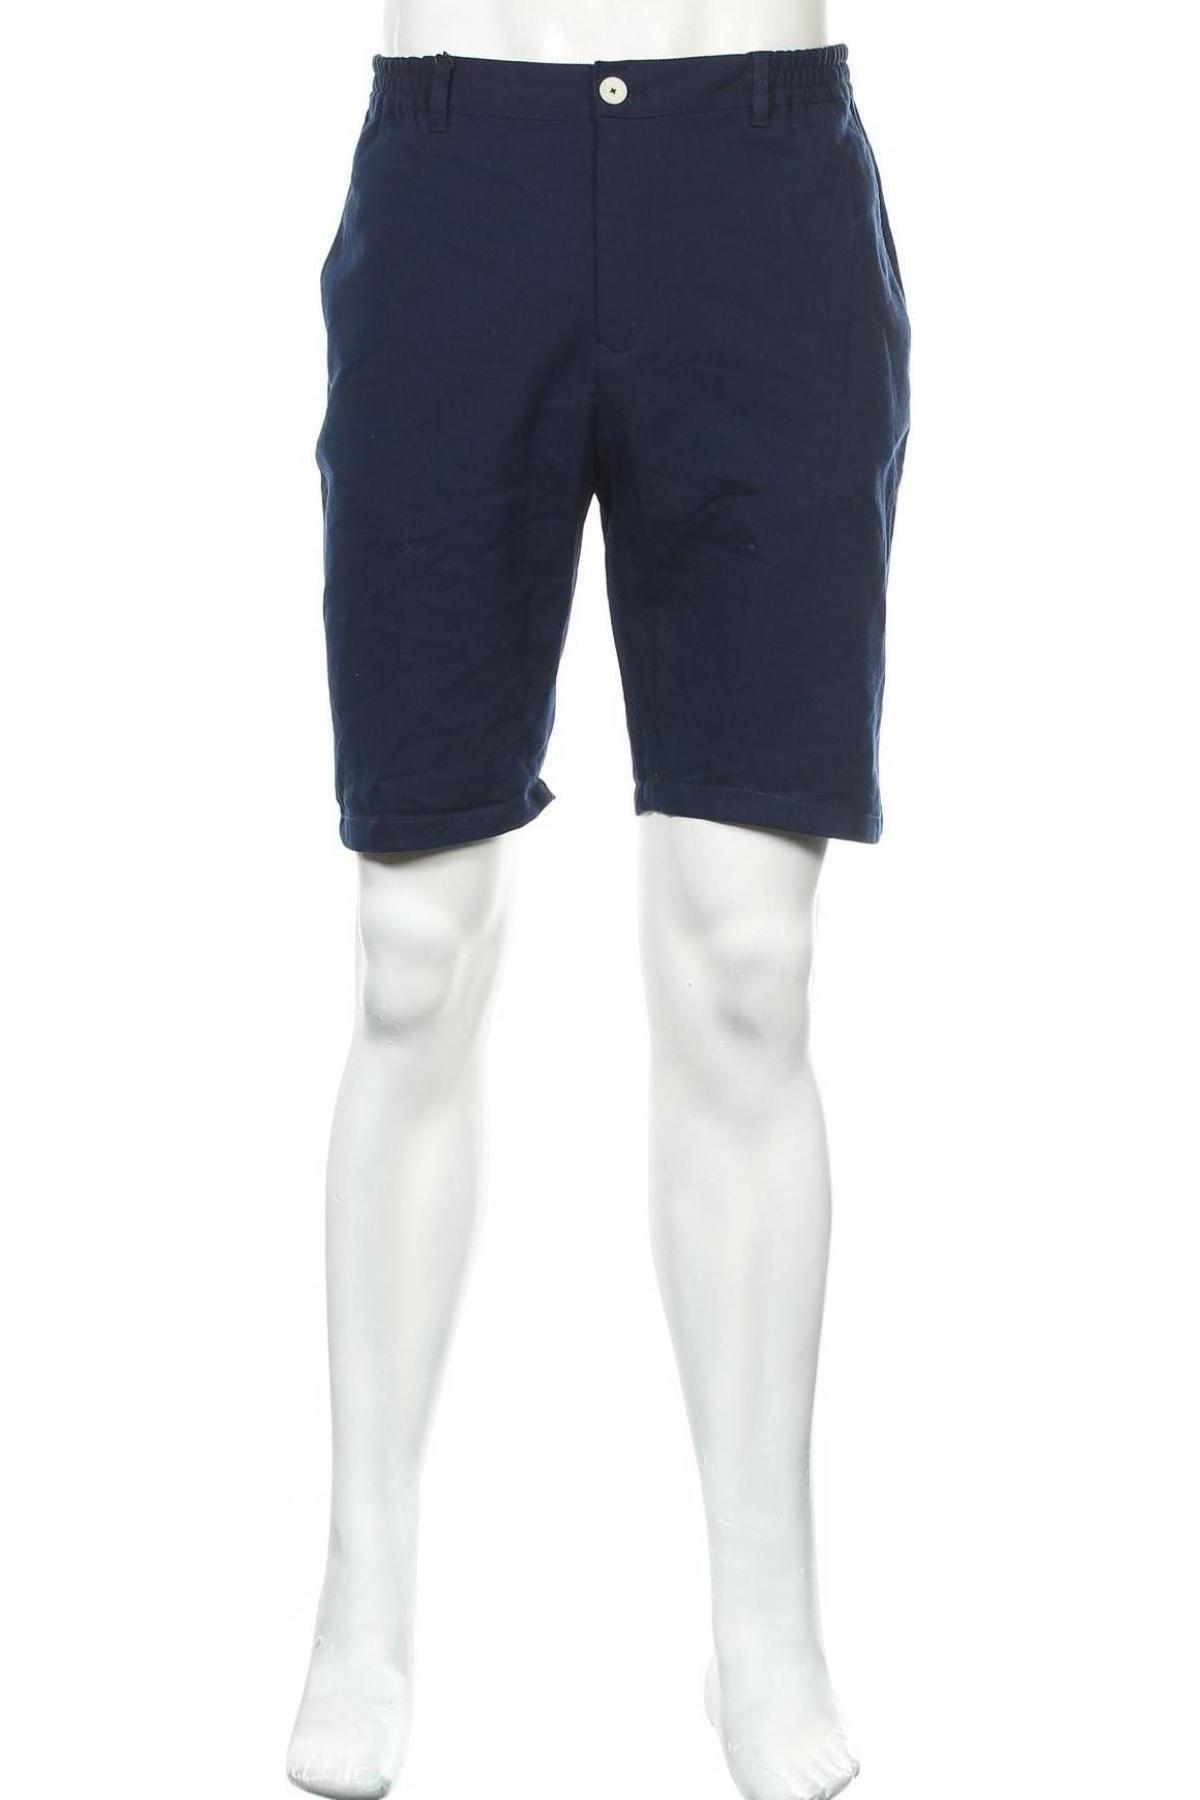 Ανδρικό κοντό παντελόνι Zara, Μέγεθος L, Χρώμα Μπλέ, 48% βαμβάκι, 28% πολυεστέρας, 23% βισκόζη, 1% ελαστάνη, Τιμή 18,95€